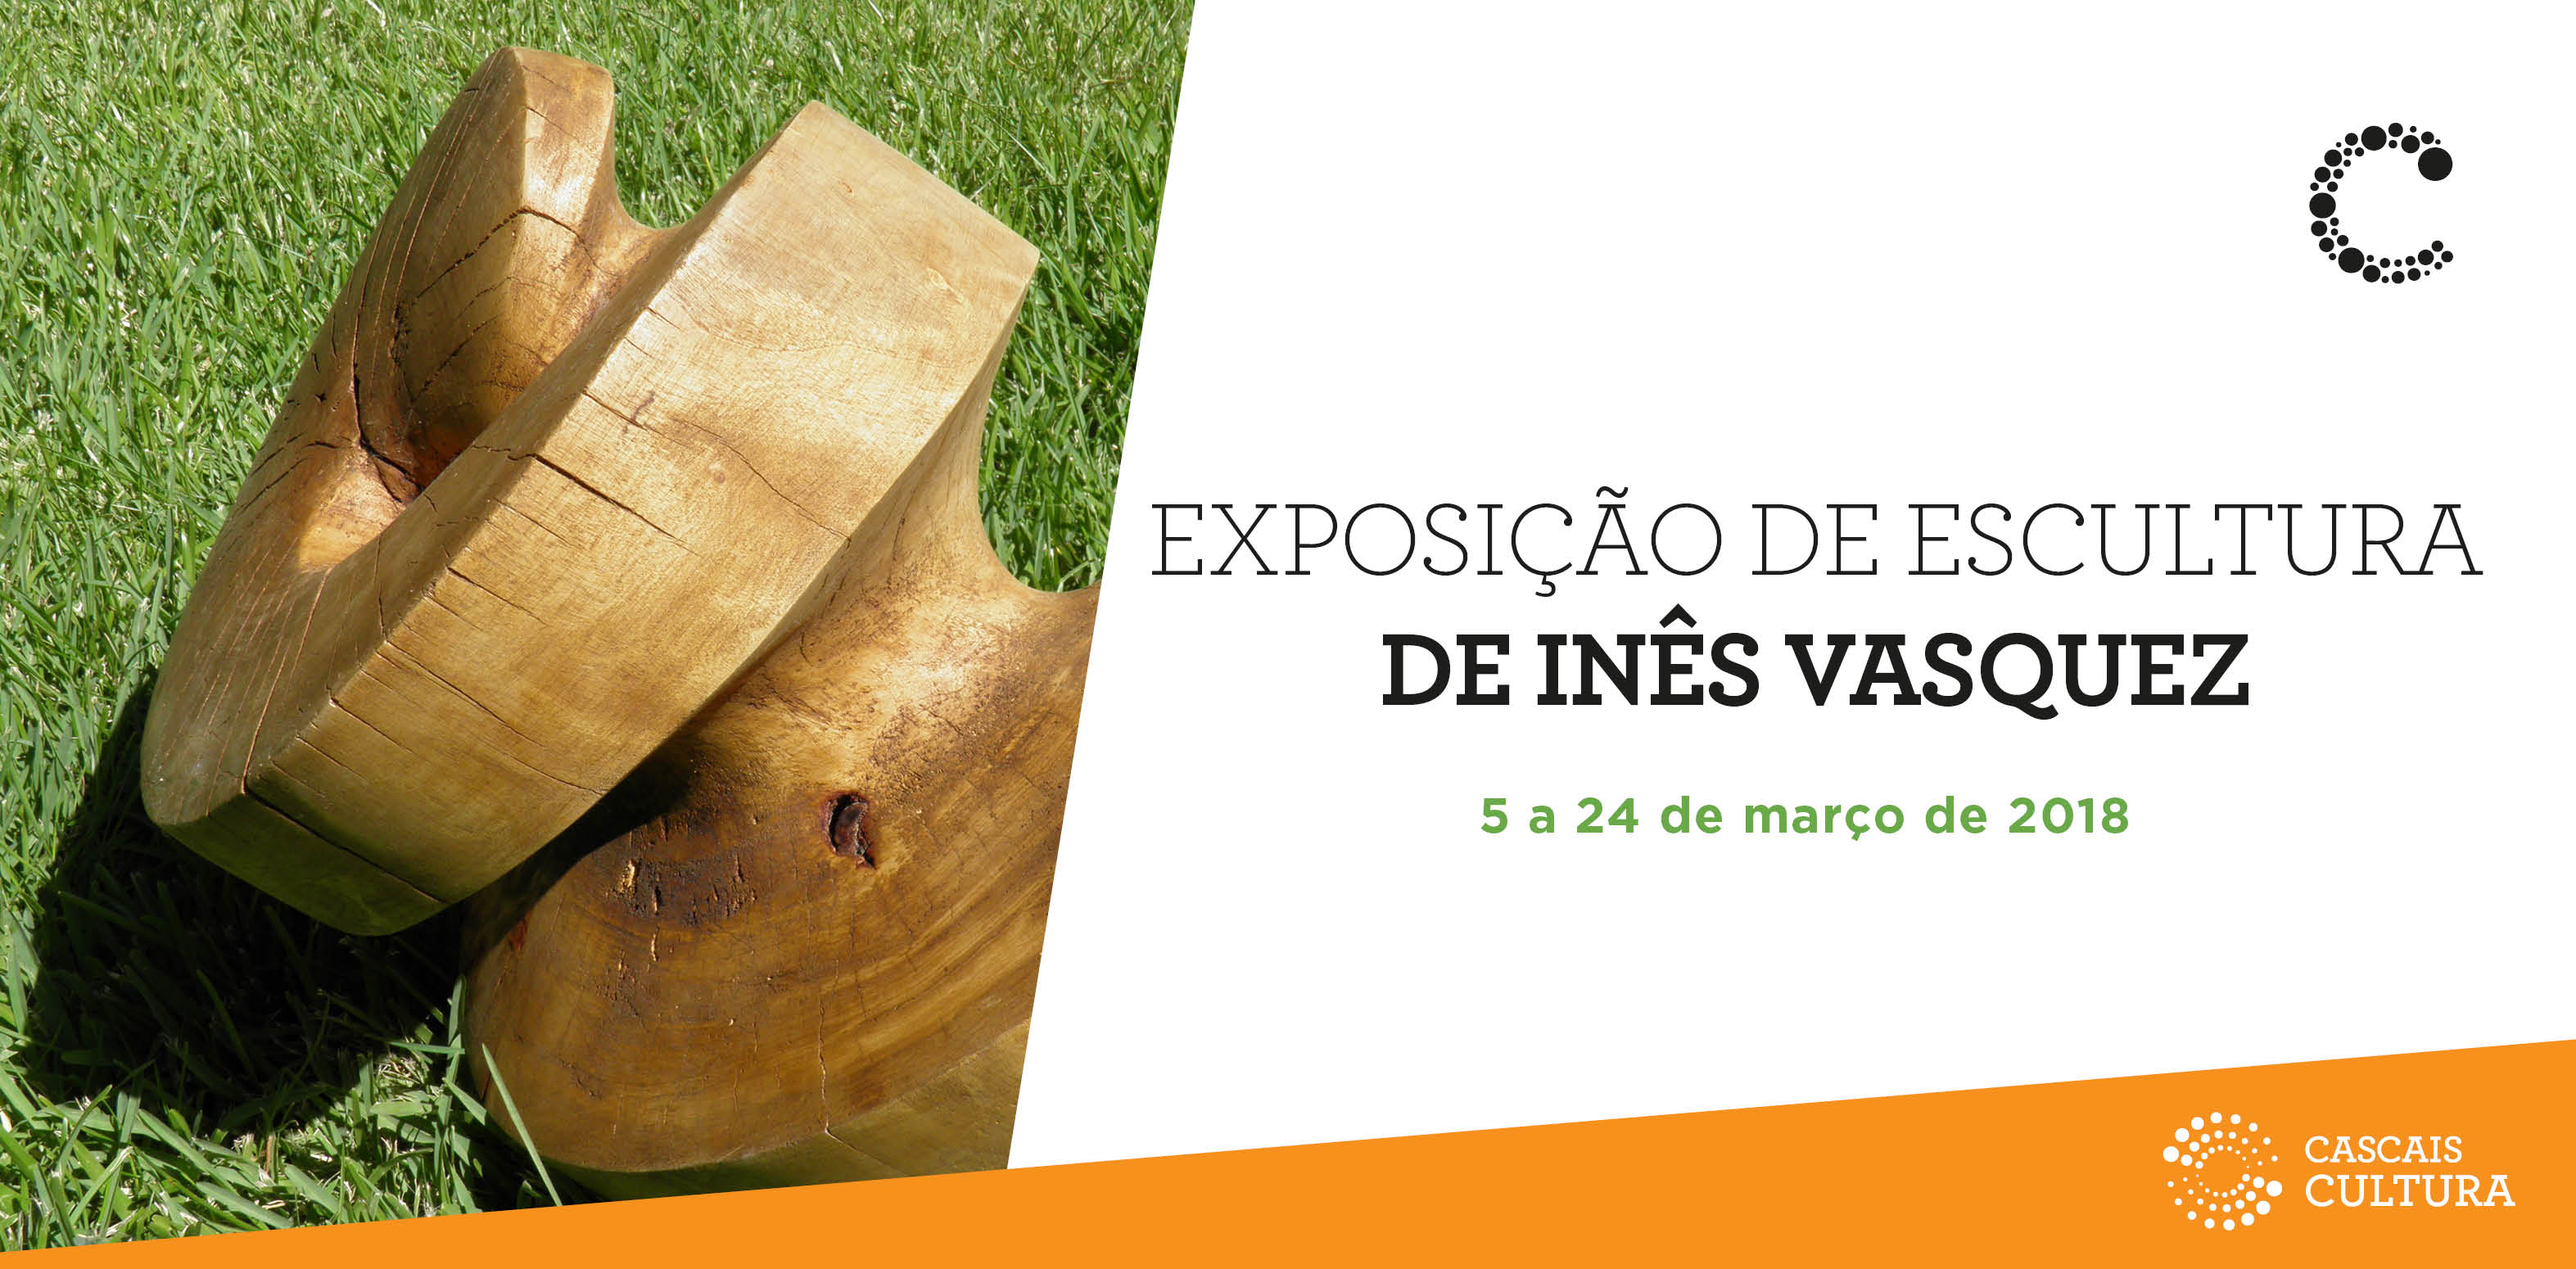 Exposição de escultura de Inês Vasquez